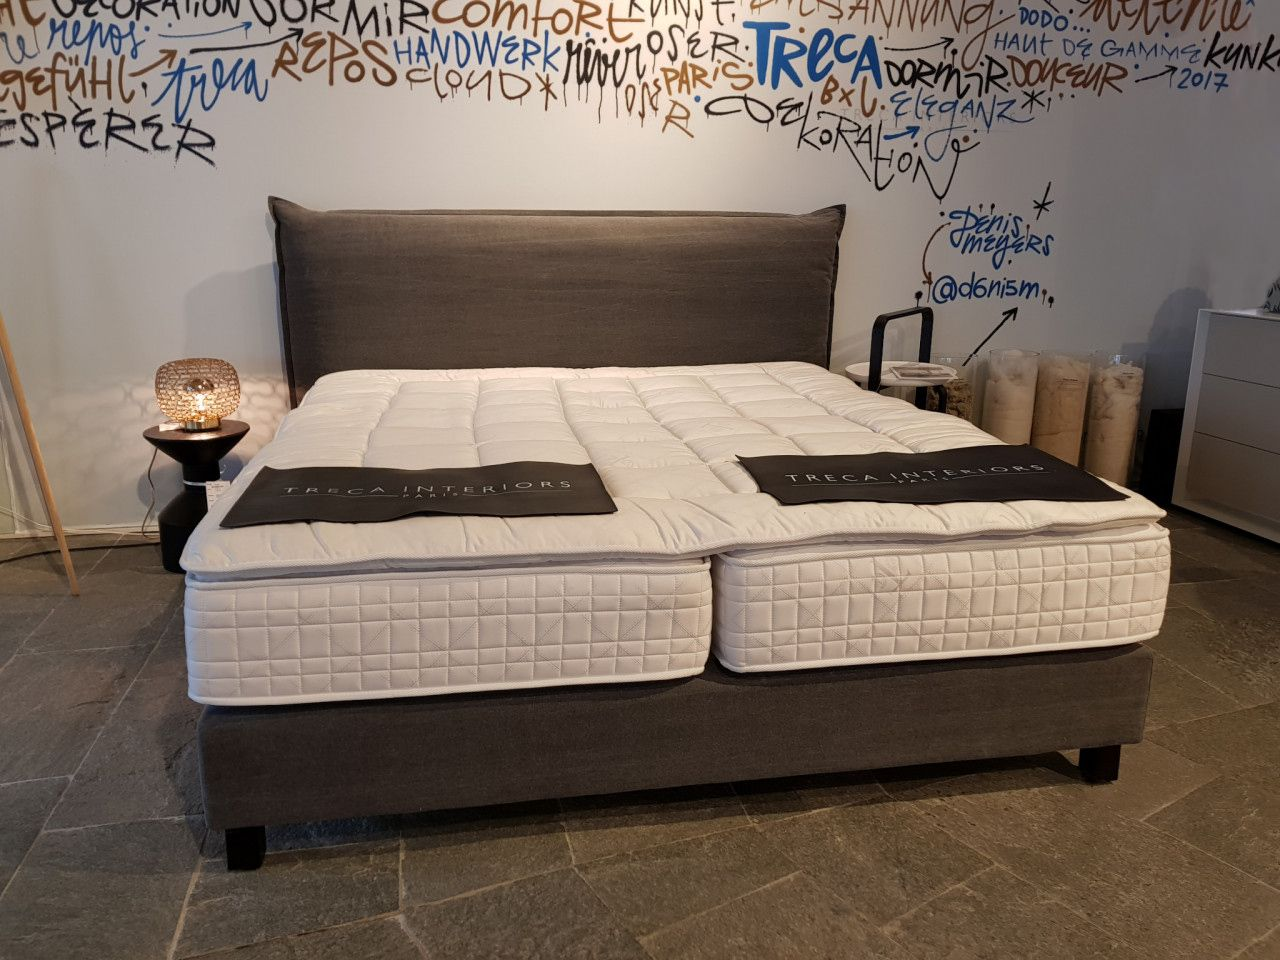 Full Size of Smart Schlafen Boxspringbett Von Treca Bett Betten Kaufen Jugend 220 X Schlafzimmer Set Mit Günstig Ausklappbares Düsseldorf 120x200 Krankenhaus 140x200 Bett Luxus Bett